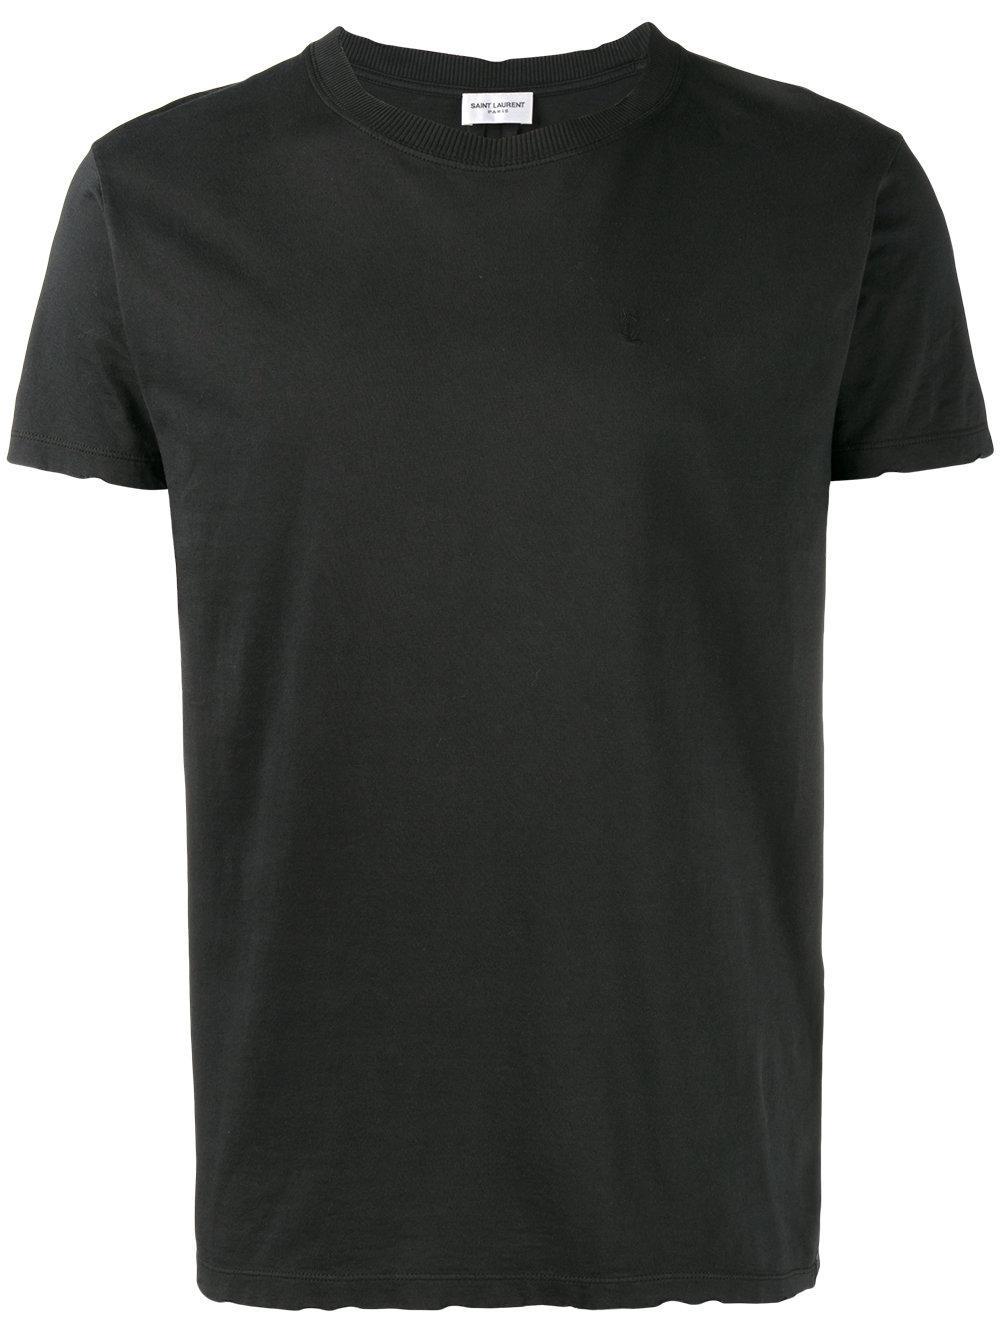 saint laurent distressed t shirt in black for men lyst. Black Bedroom Furniture Sets. Home Design Ideas